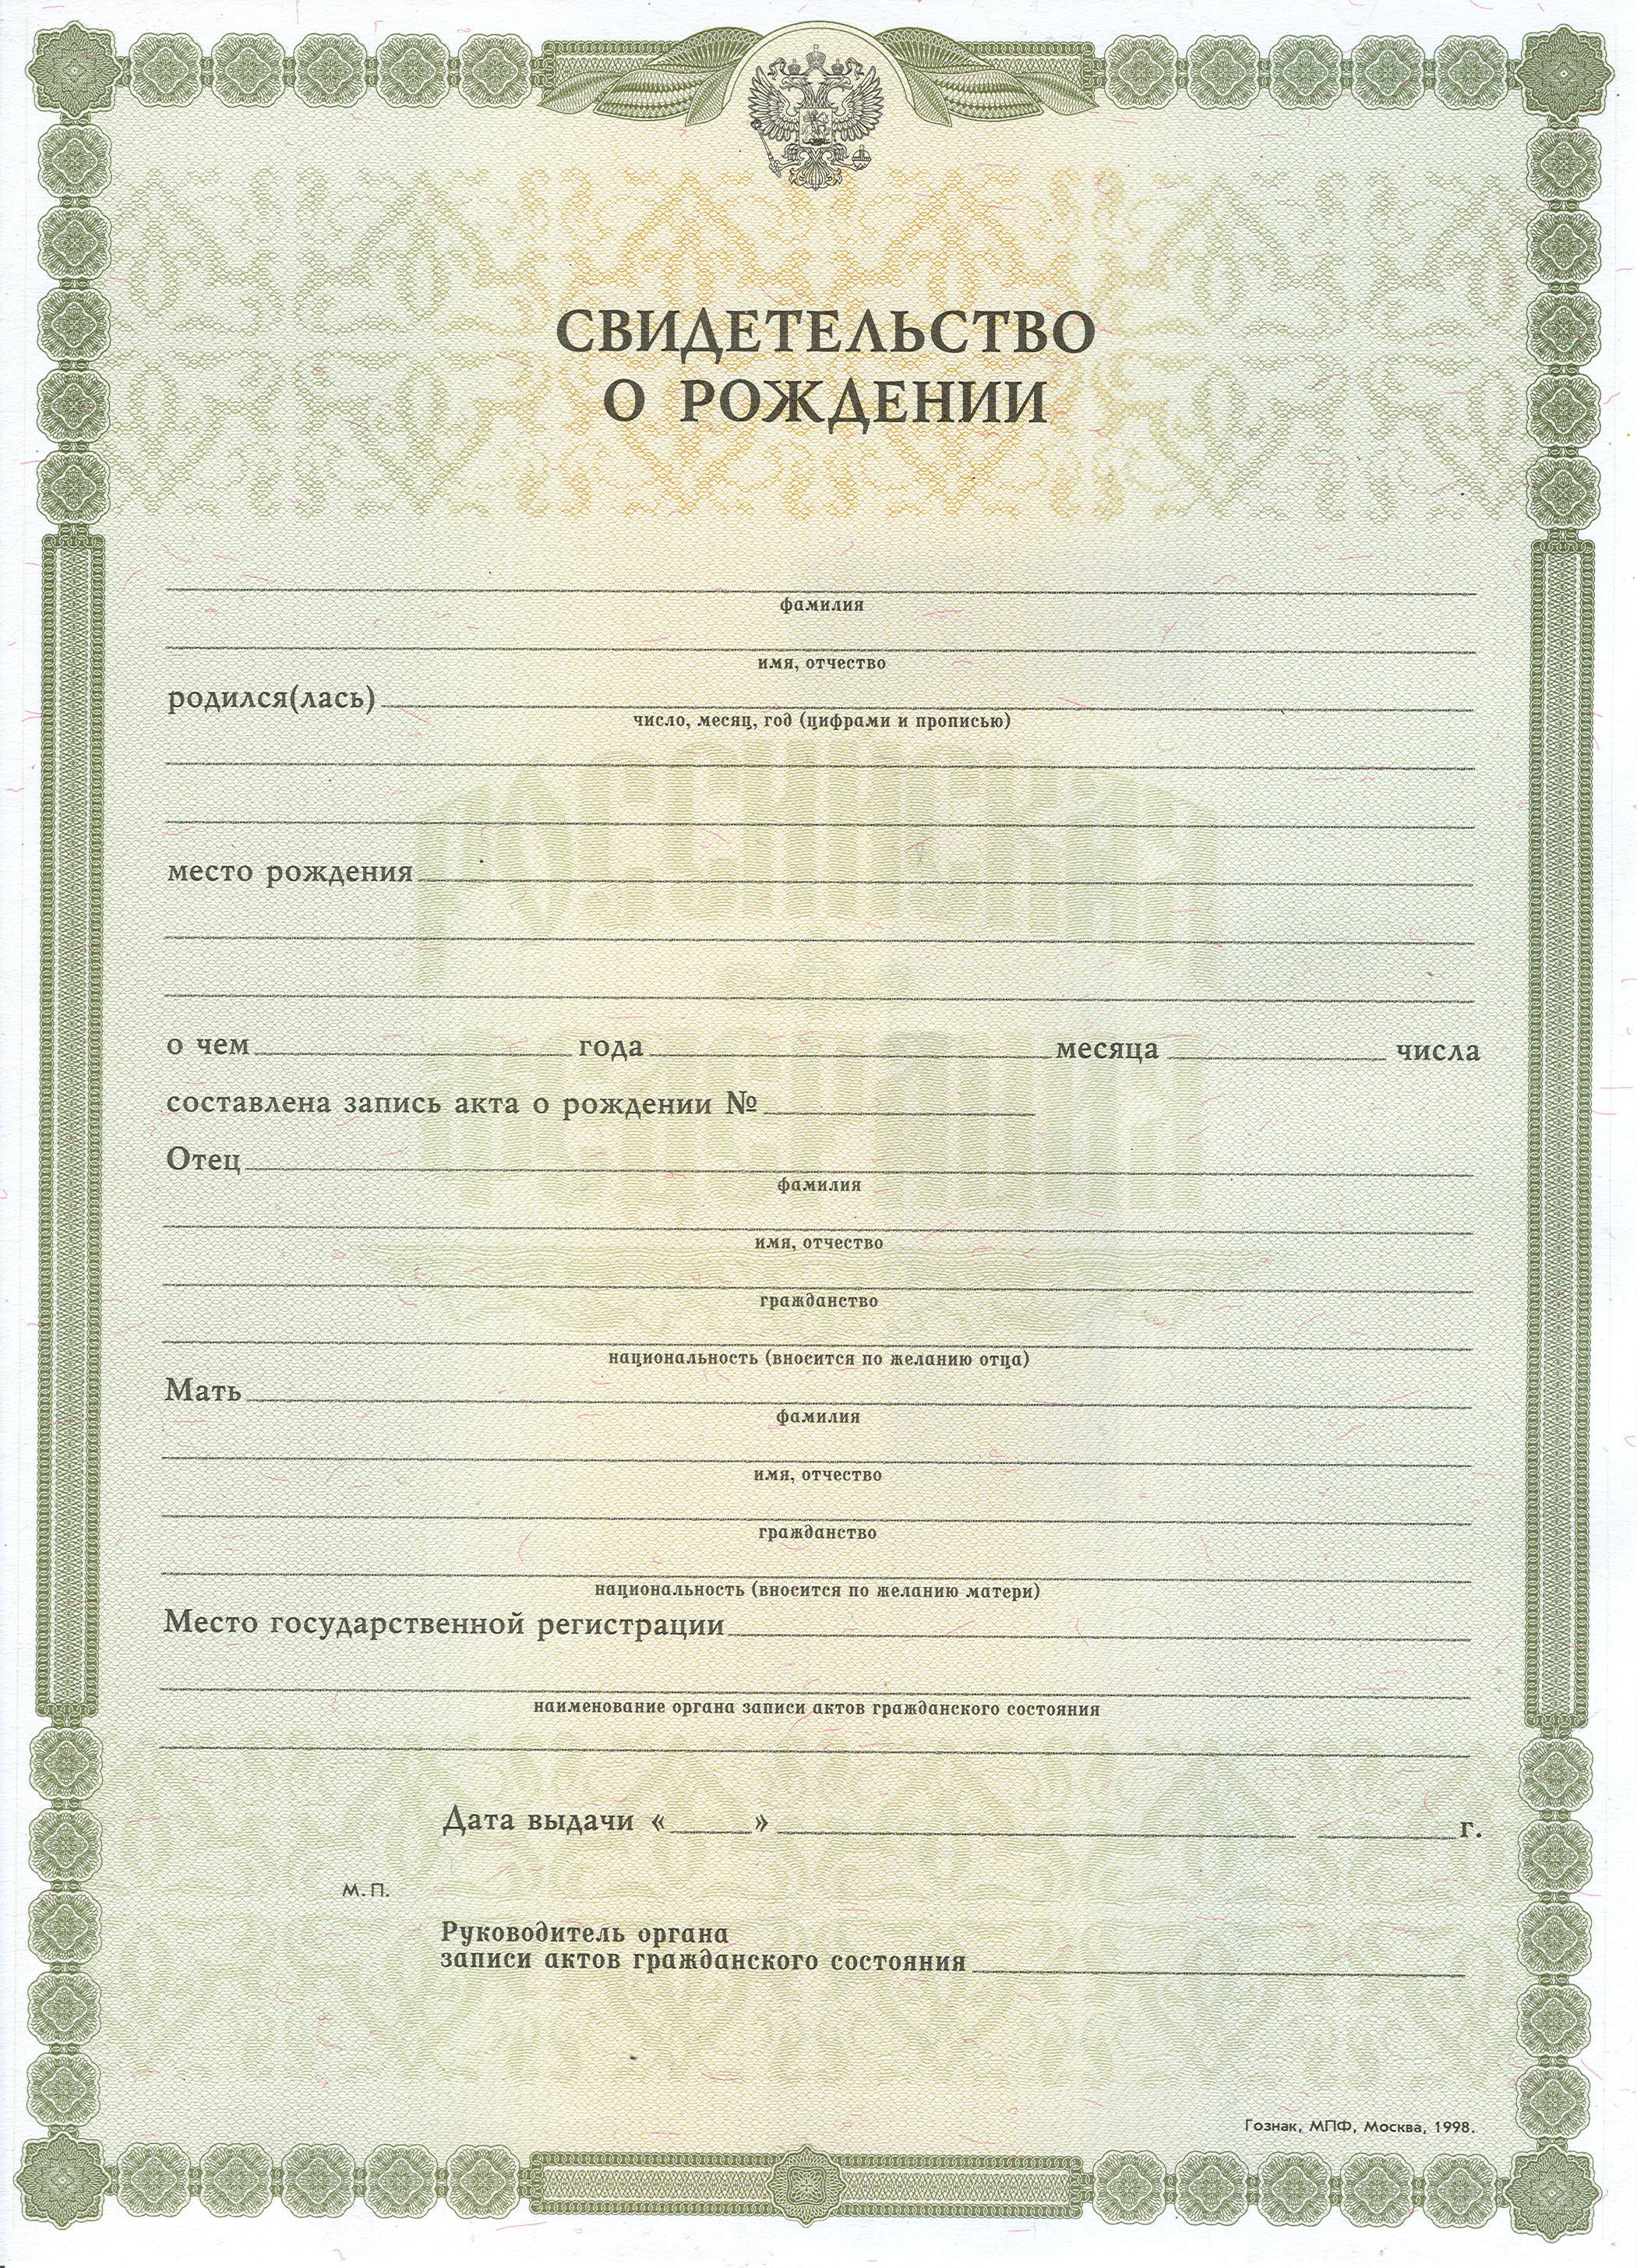 Свидетельство о регистрации ребенка по месту жительства форма 8: кто выдает, где получить?